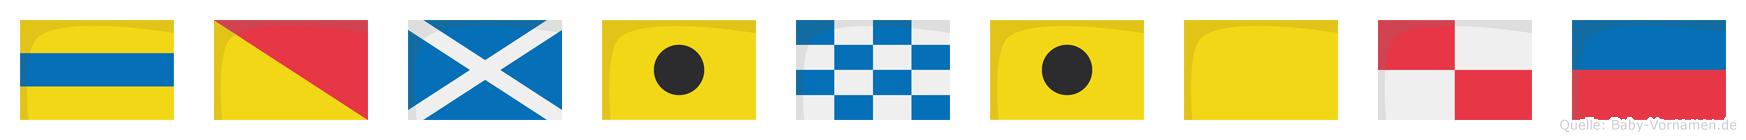 Dominique im Flaggenalphabet